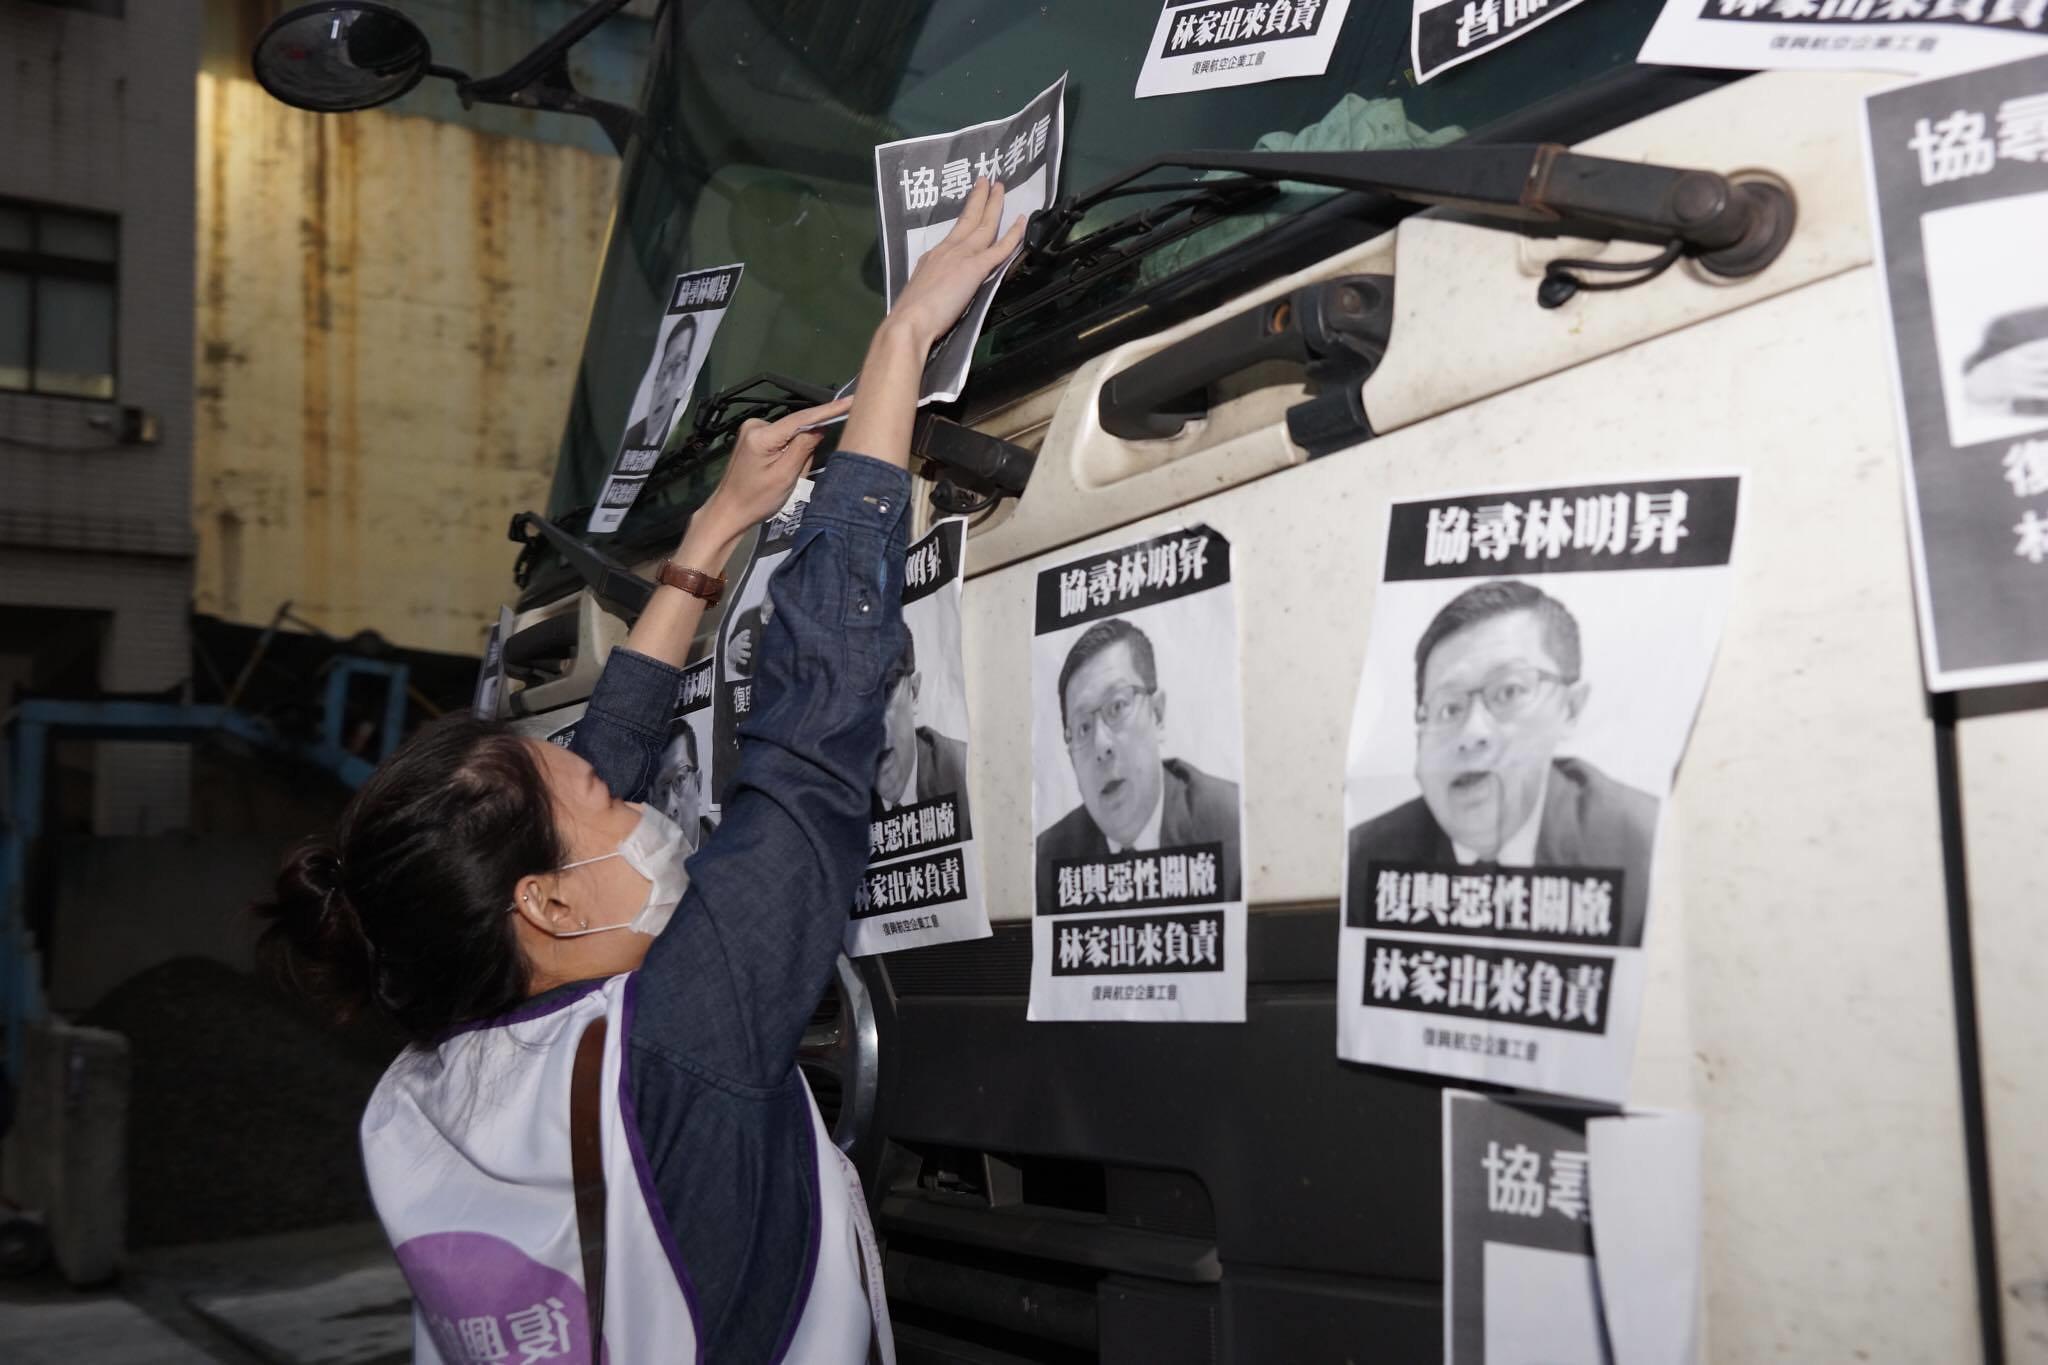 興航員工將「協尋林孝信」等標語貼在廠中大型車輛上。揚言無所畏懼。(攝影:王顥中)